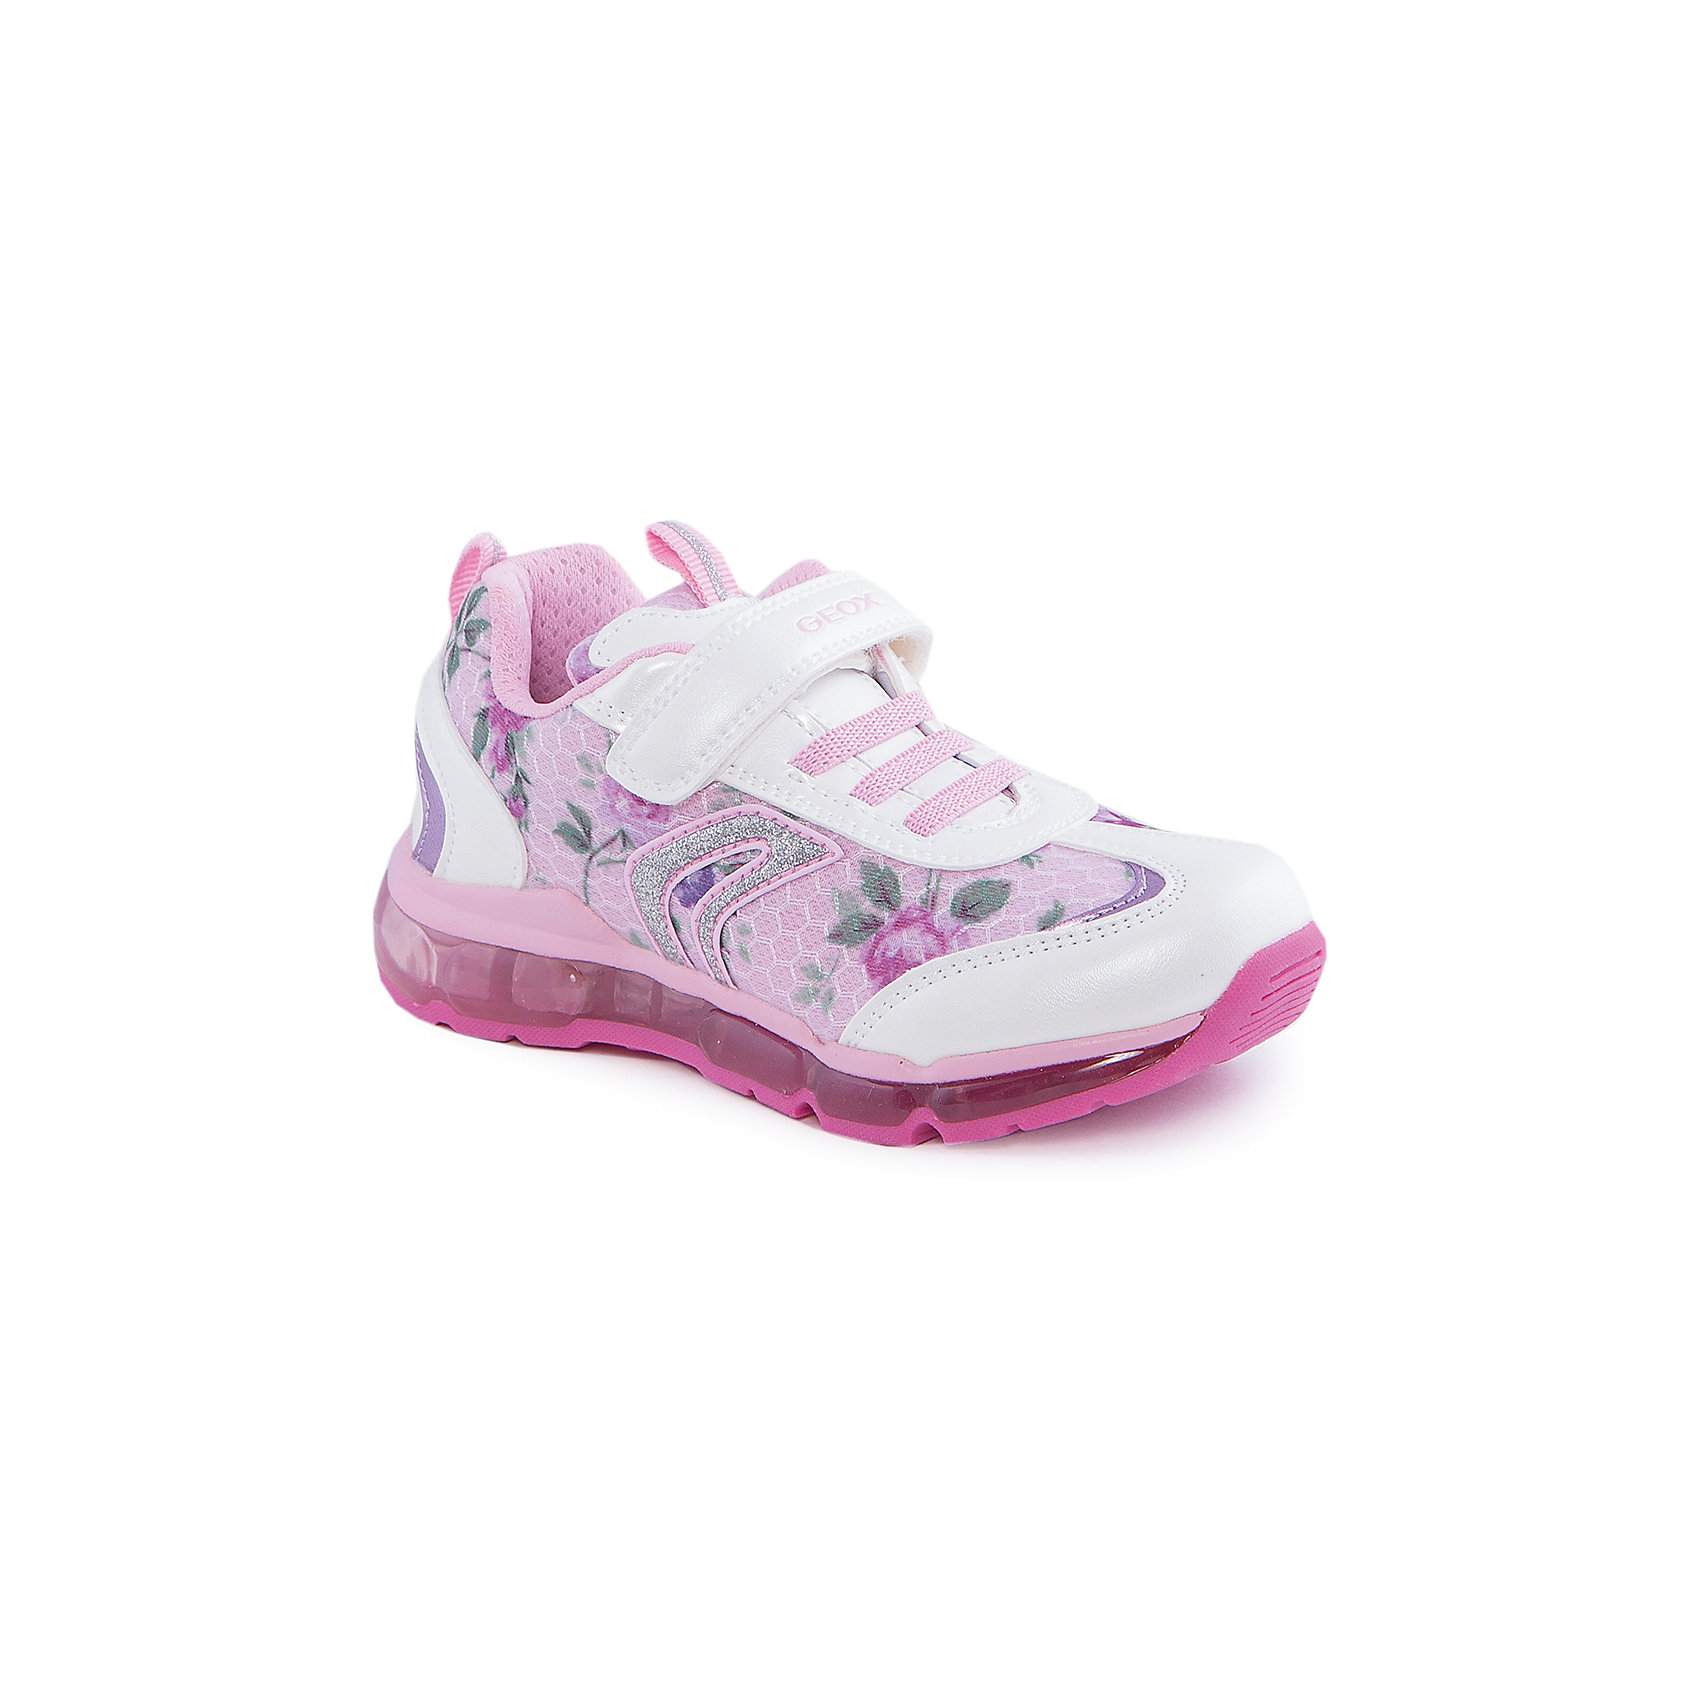 Кроссовки со светодиодами для девочки GEOXКроссовки для девочки от популярной марки GEOX (Геокс).<br><br>Яркие розовые кроссовки - отличная обувь для нового весеннего сезона. Модель очень стильно и оригинально смотрится.<br>Производитель обуви заботится не только о внешнем виде, но и стабильно высоком качестве продукции. GEOX (Геокс) разработал специальную дышащую подошву, которая не пропускает влагу внутрь, а также высокотехнологичную стельку.<br><br>Отличительные особенности модели:<br><br>- цвет: розовый;<br>- украшены принтом, белыми и серебристыми элементами;<br>- гибкая водоотталкивающая подошва с дышащей мембраной;<br>- мягкий и легкий верх;<br>- защита пальцев и пятки;<br>- стильный дизайн;<br>- удобная застежка-липучка, шнуровка;<br>- комфортное облегание;<br>- верх обуви и подкладка сделаны без использования хрома.<br><br>Дополнительная информация:<br><br>- Температурный режим: от +10° С до 25° С.<br><br>- Состав:<br><br>материал верха: текстиль, синтетический материал<br>материал подкладки: текстиль<br>подошва: 100% резина<br><br>Кроссовки для девочки GEOX (Геокс) (Геокс) можно купить в нашем магазине.<br><br>Ширина мм: 250<br>Глубина мм: 150<br>Высота мм: 150<br>Вес г: 250<br>Цвет: белый<br>Возраст от месяцев: 60<br>Возраст до месяцев: 72<br>Пол: Женский<br>Возраст: Детский<br>Размер: 29,33,34,31,26,27,28,30,35,32<br>SKU: 4519467